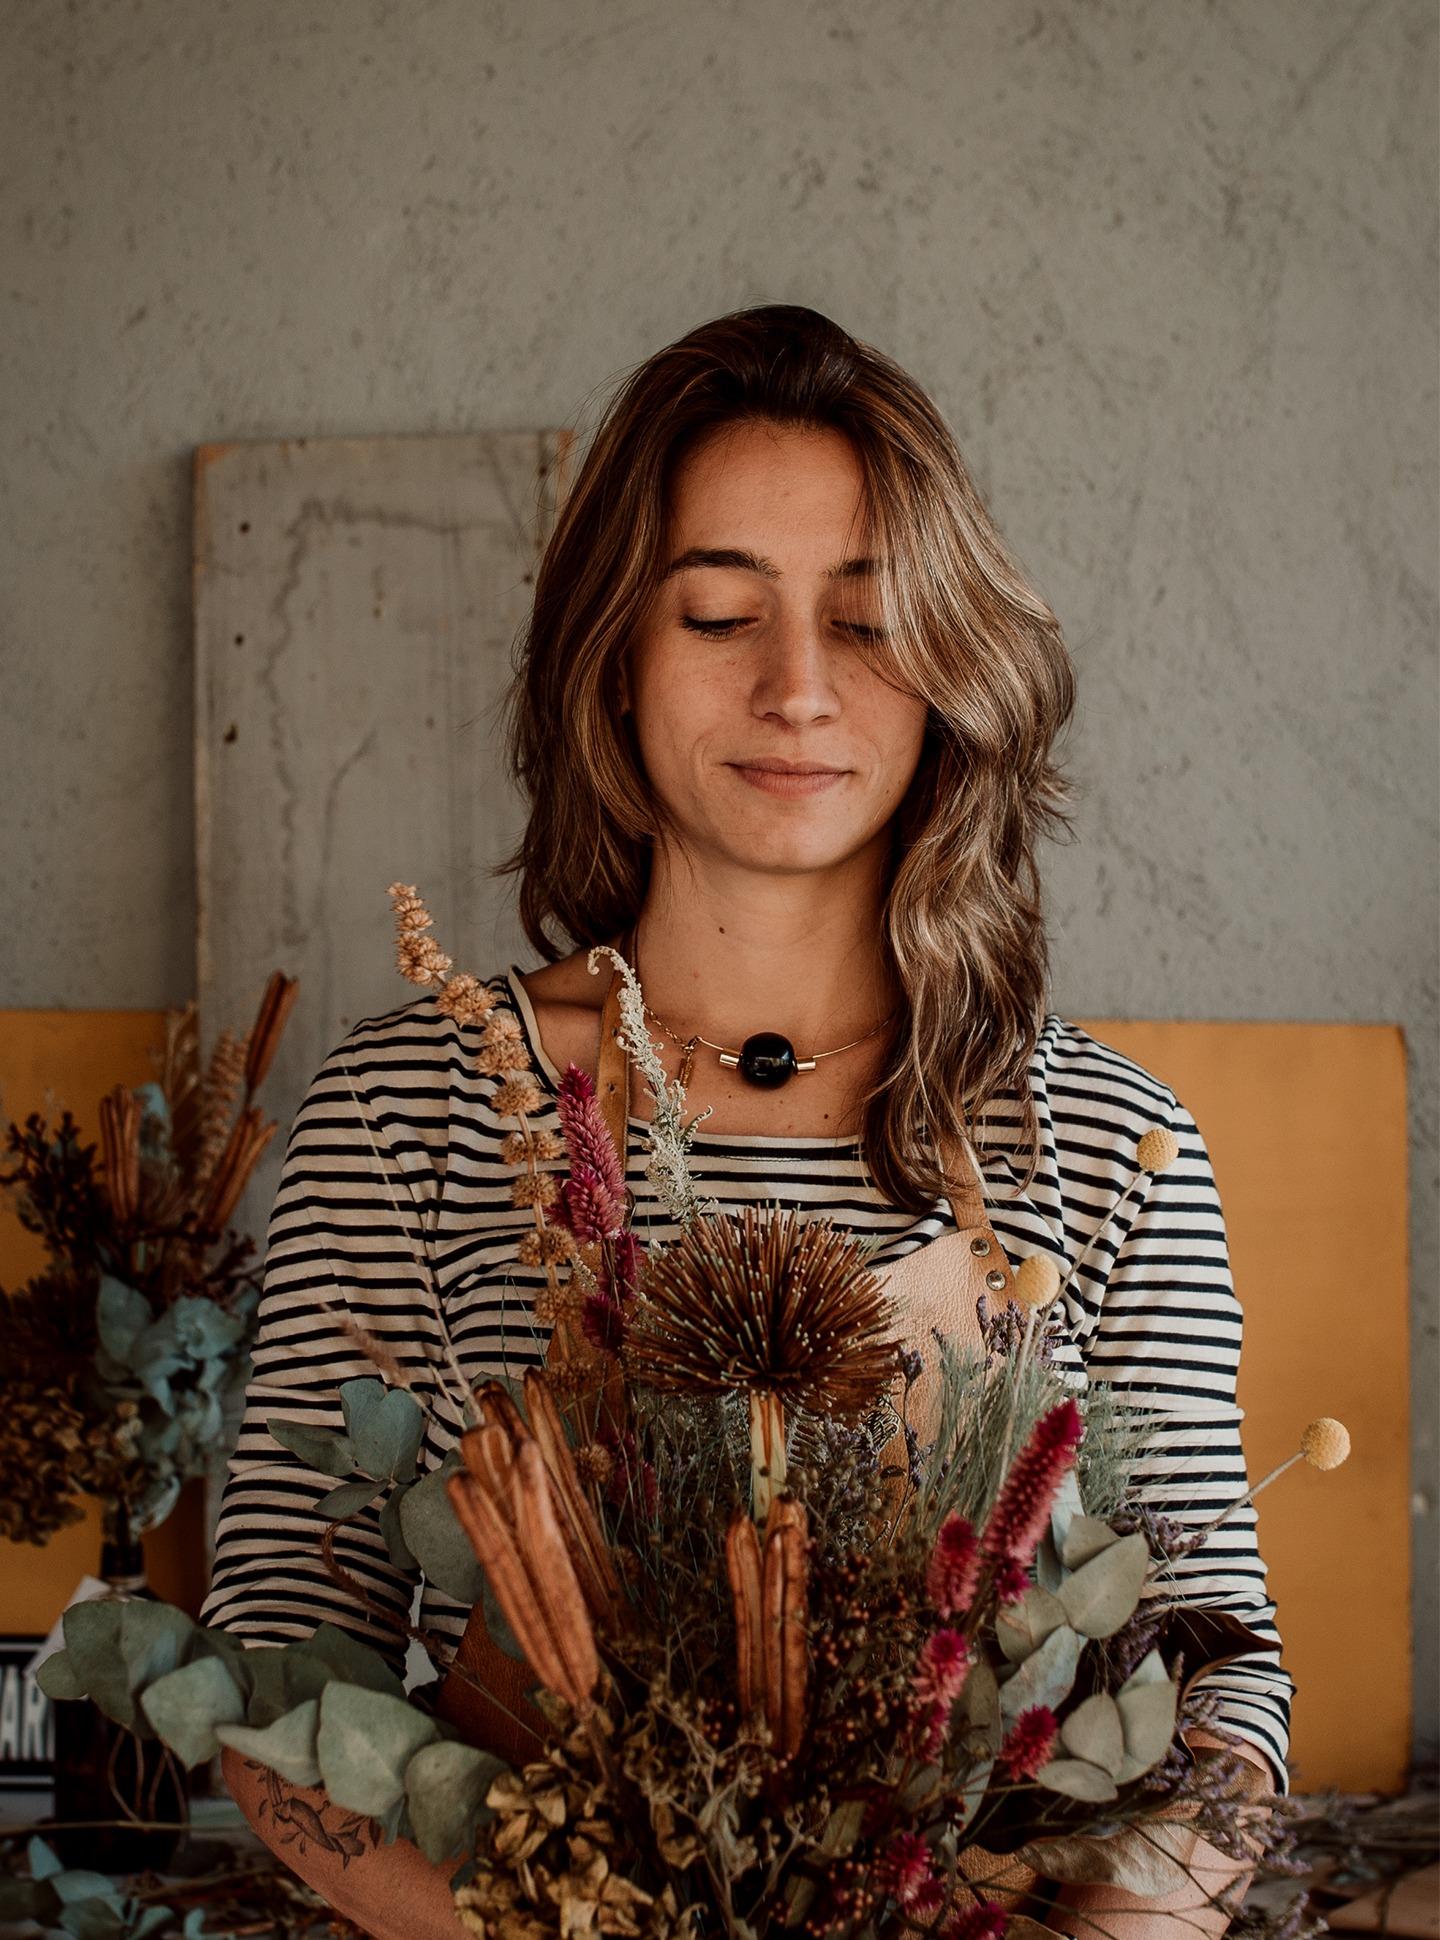 Flores decoração retrato com arranjos plantas